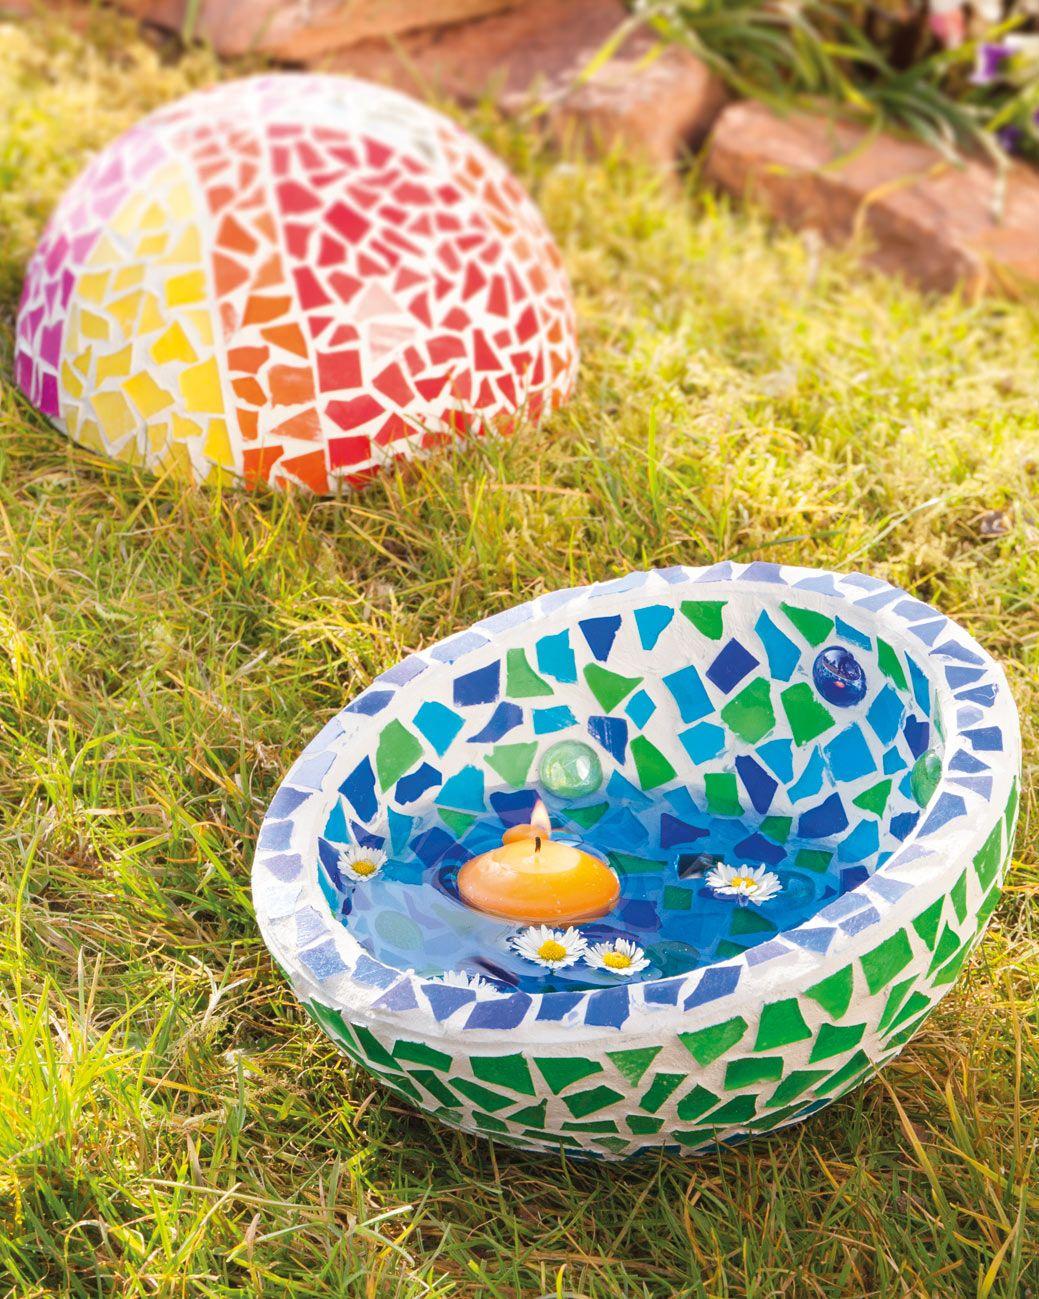 Gartendeko aus mosaiksteinen mit schwimmkerze idee mit for Basteltipps gartendeko